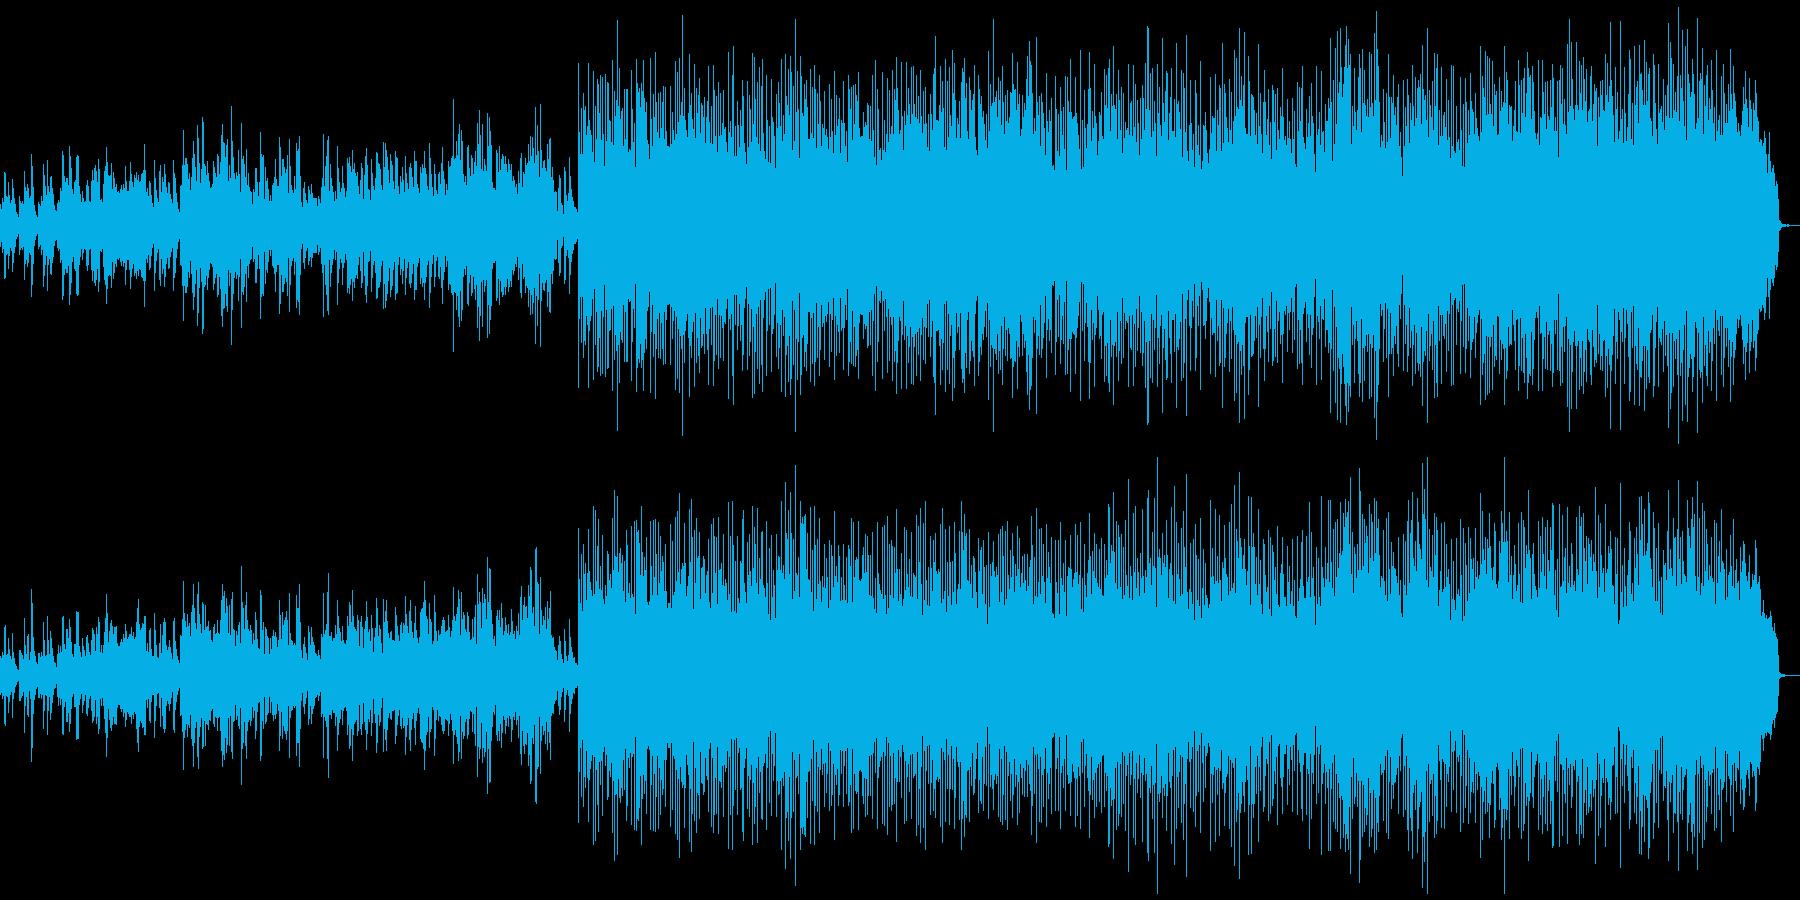 明日も頑張ろうと思えるようなピアノ曲の再生済みの波形